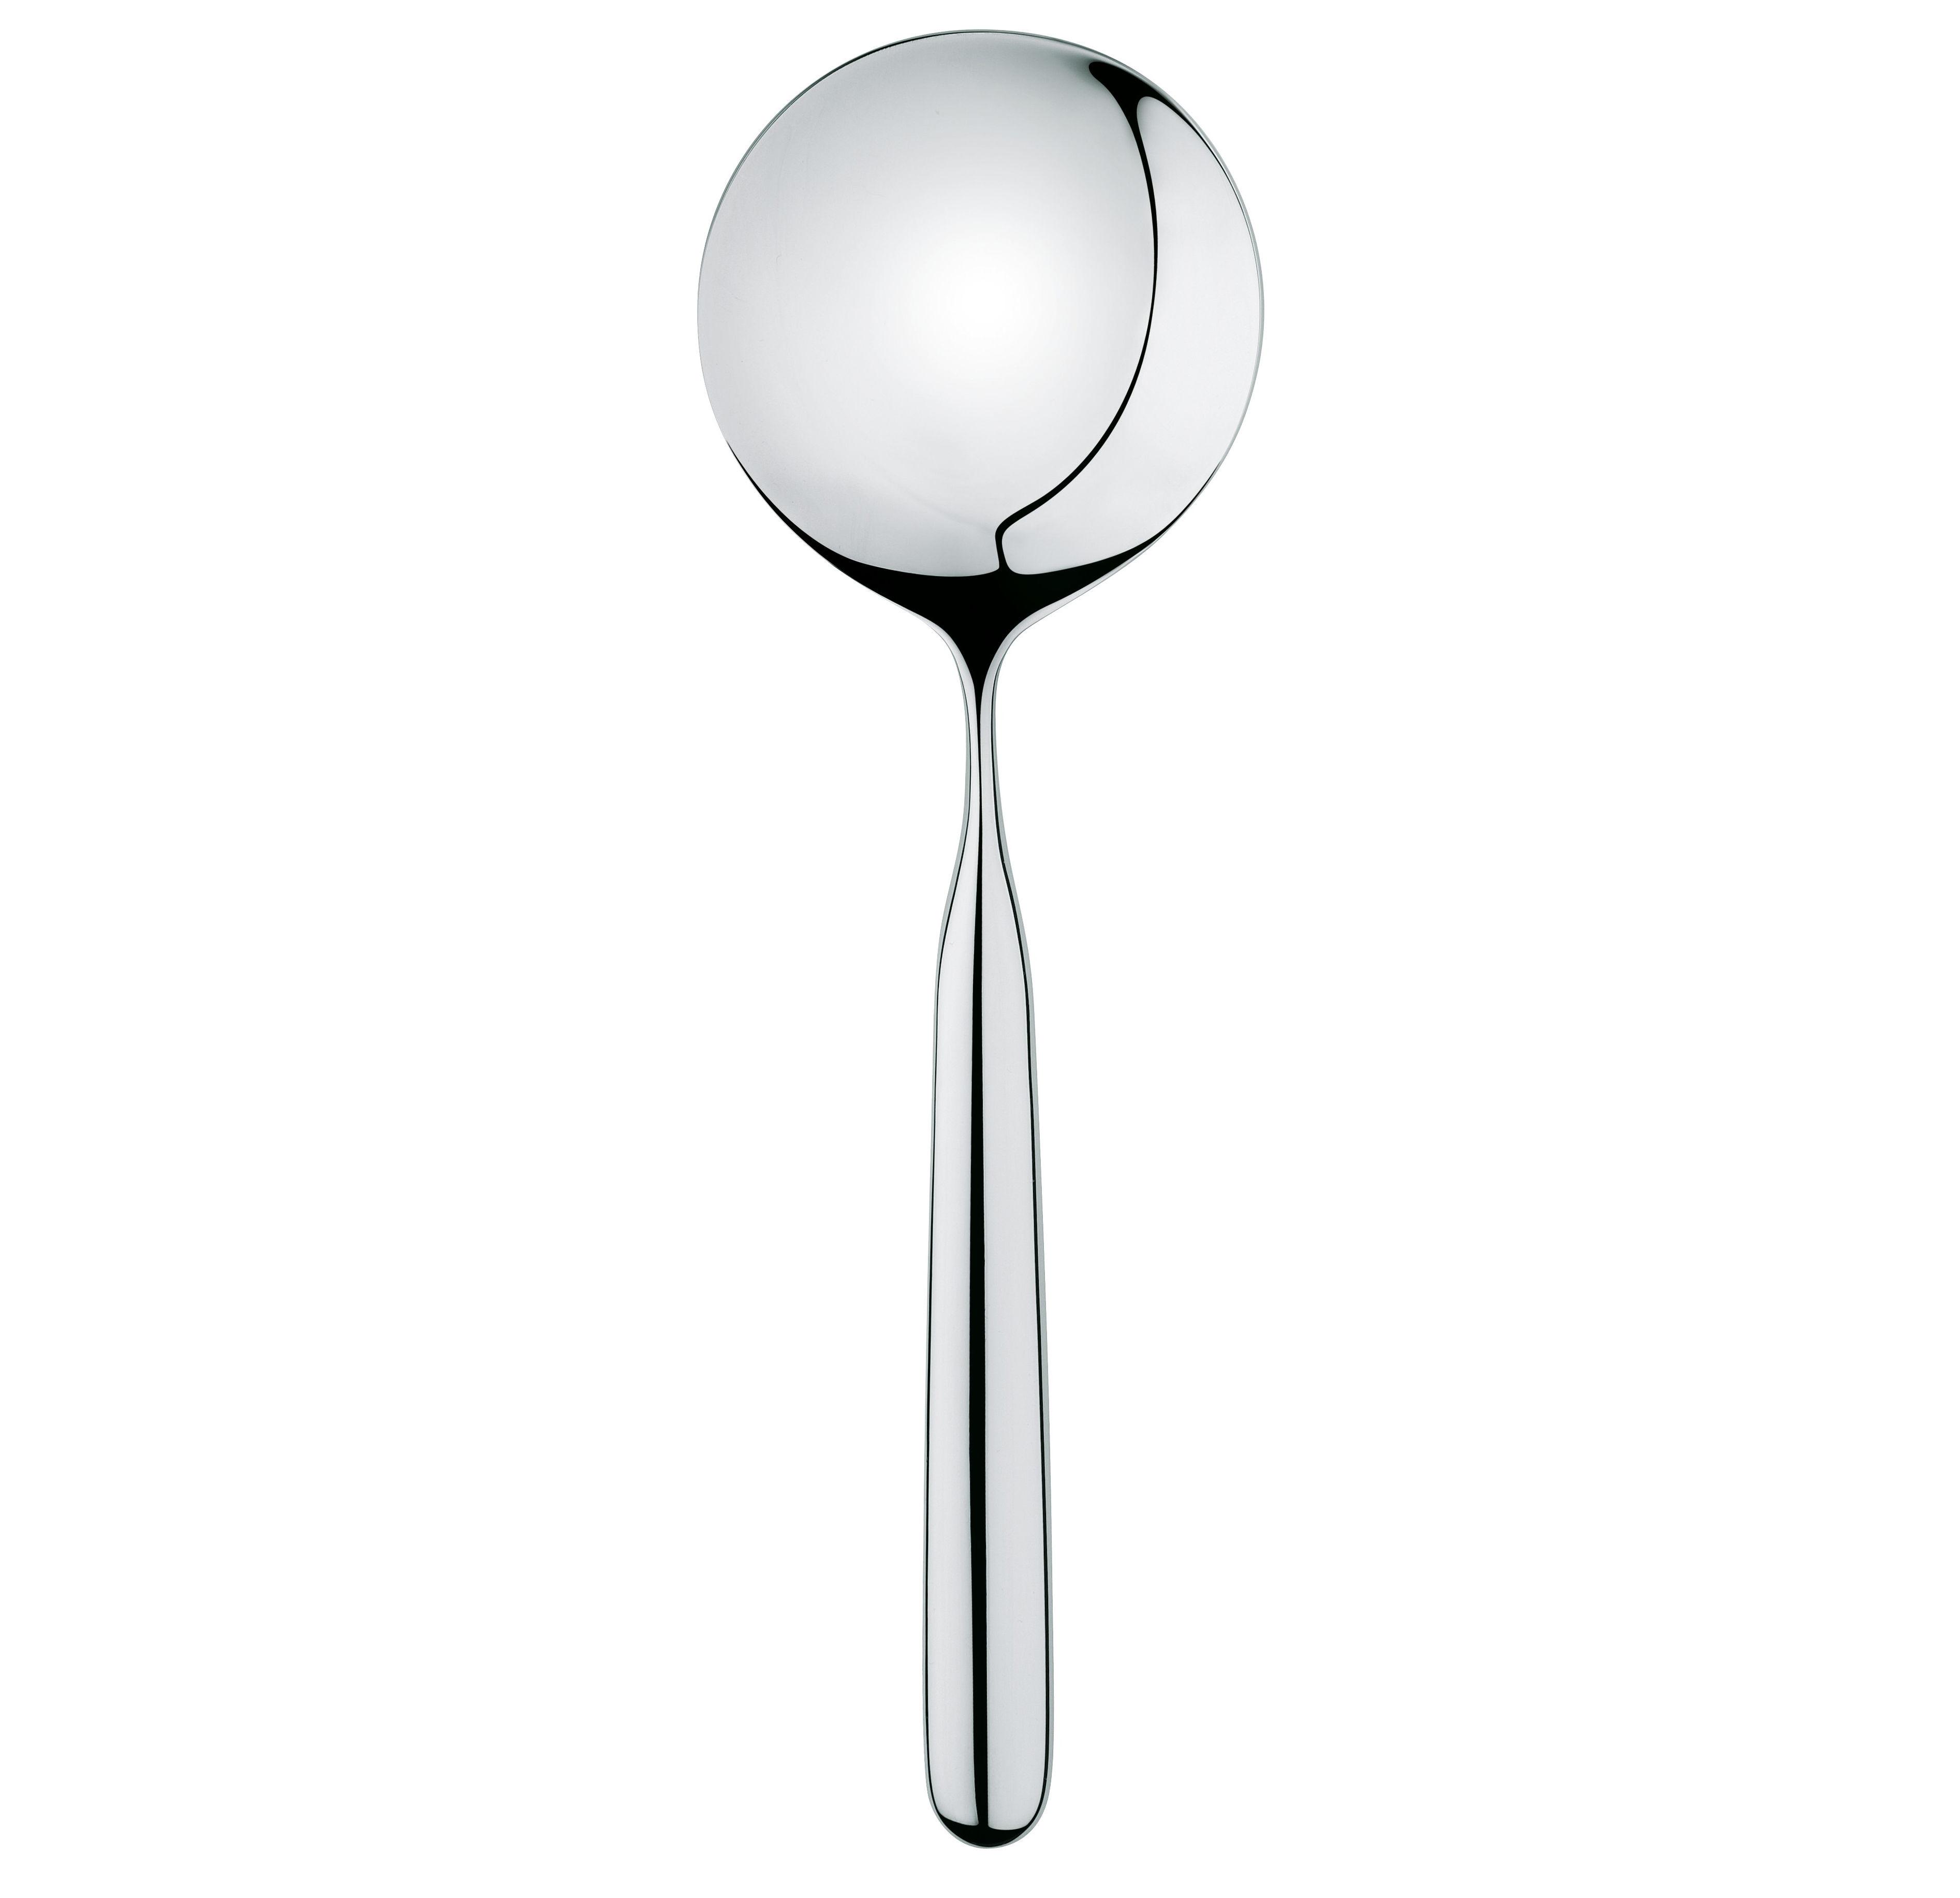 Küche - Küchenutensilien - Servierlöffel für Risotto - Alessi - Edelstahl glänzend - rostfreier Stahl